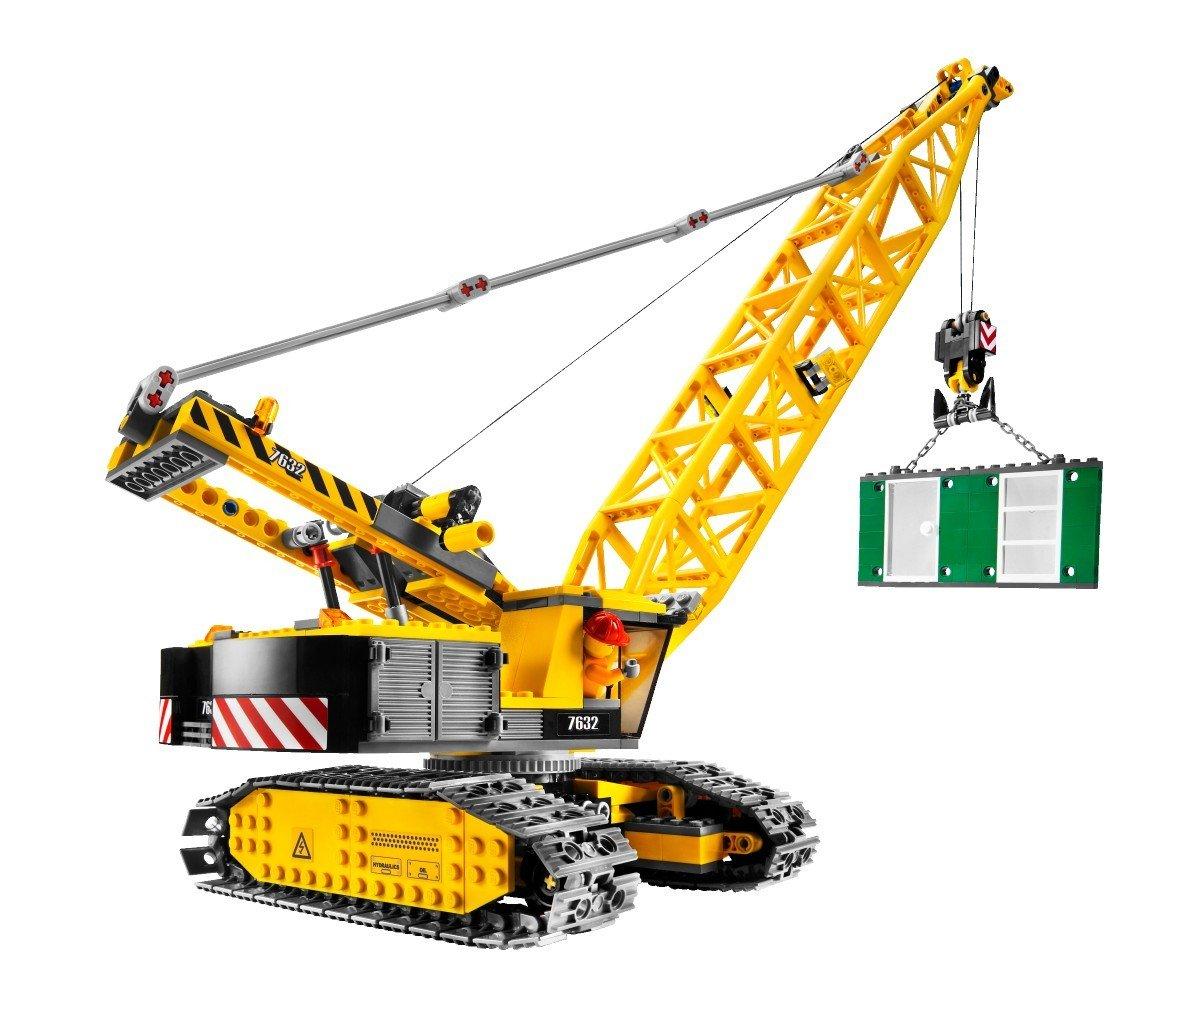 Lego 7632 City Crawler Crane New Sealed Retired